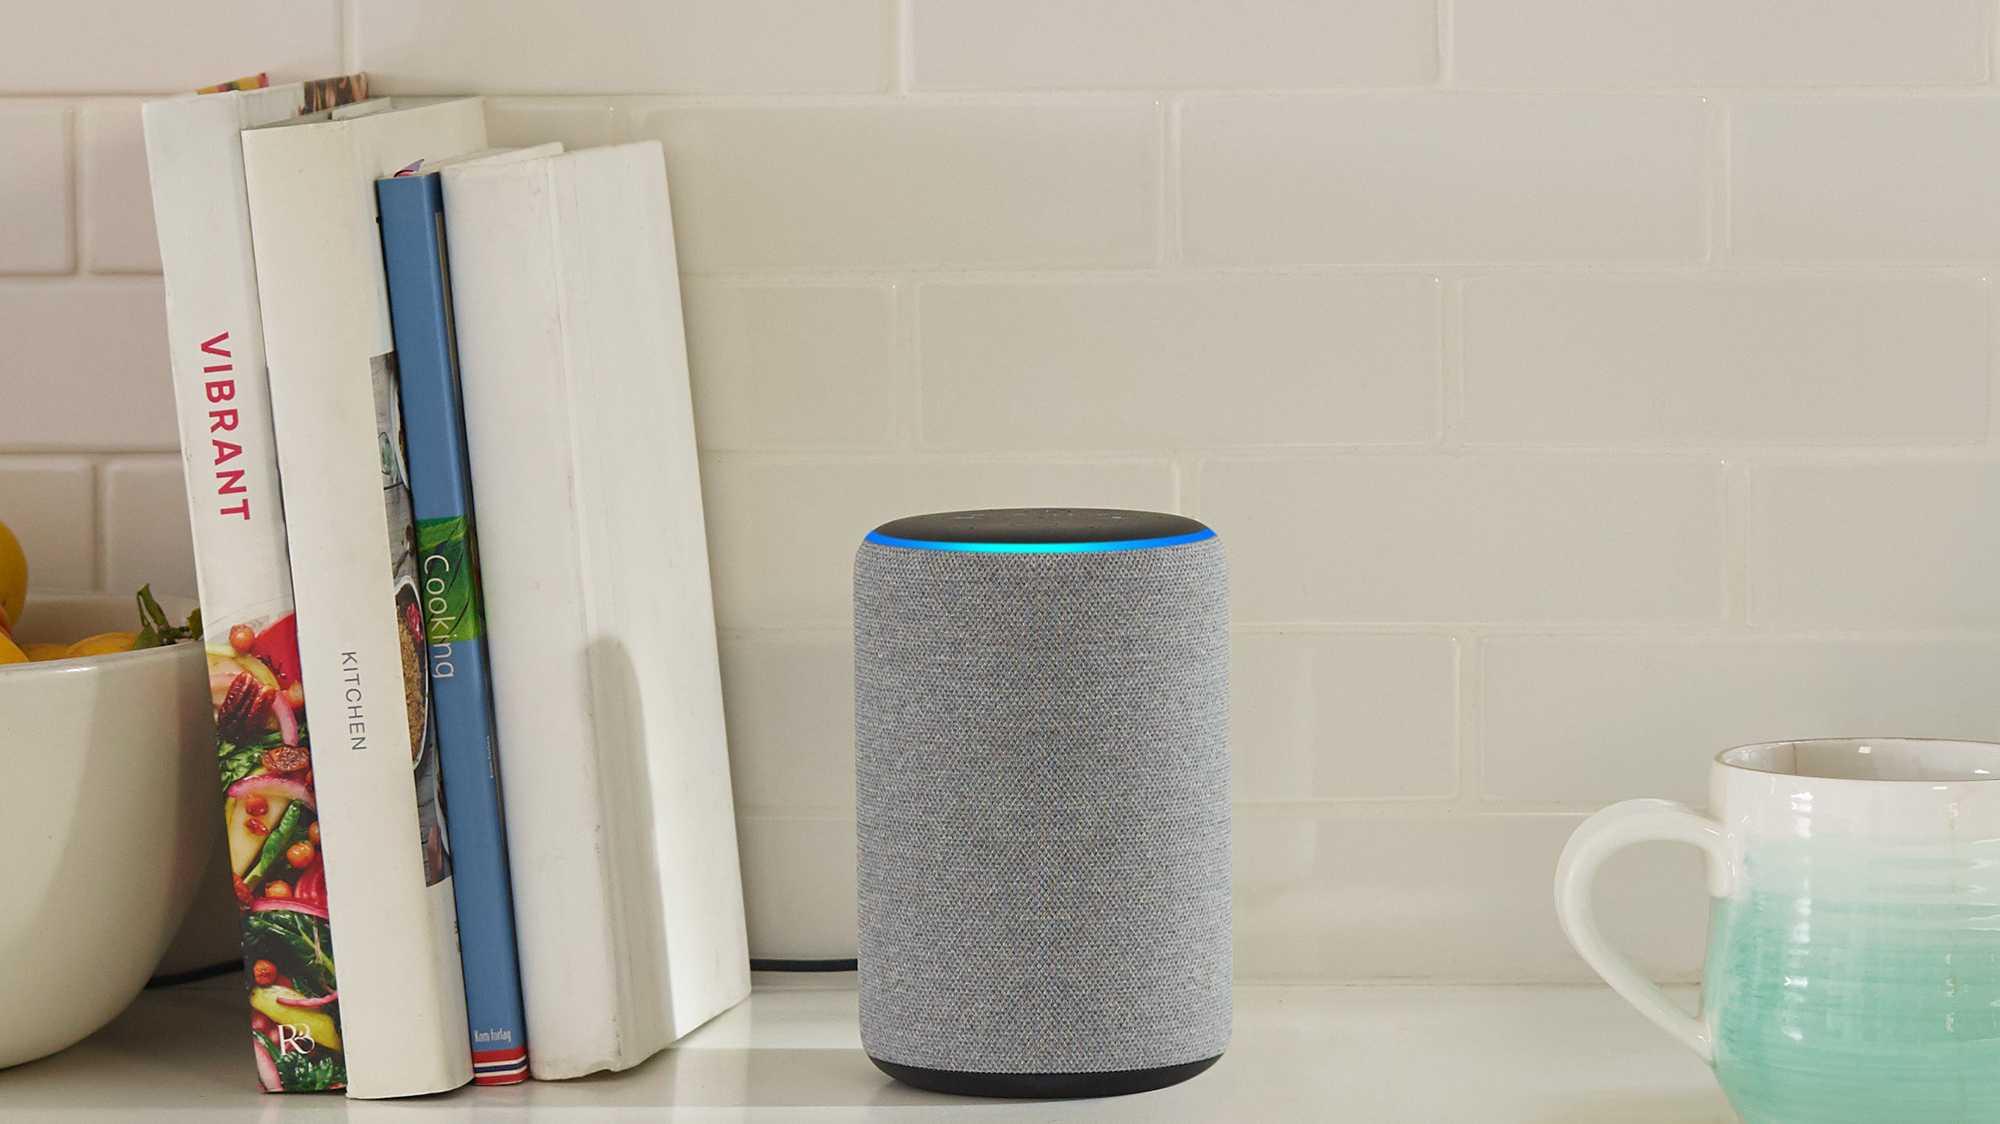 Neuer Echo Plus: Besserer Sound, neues Design und mehr Smart-Home-Funktionen